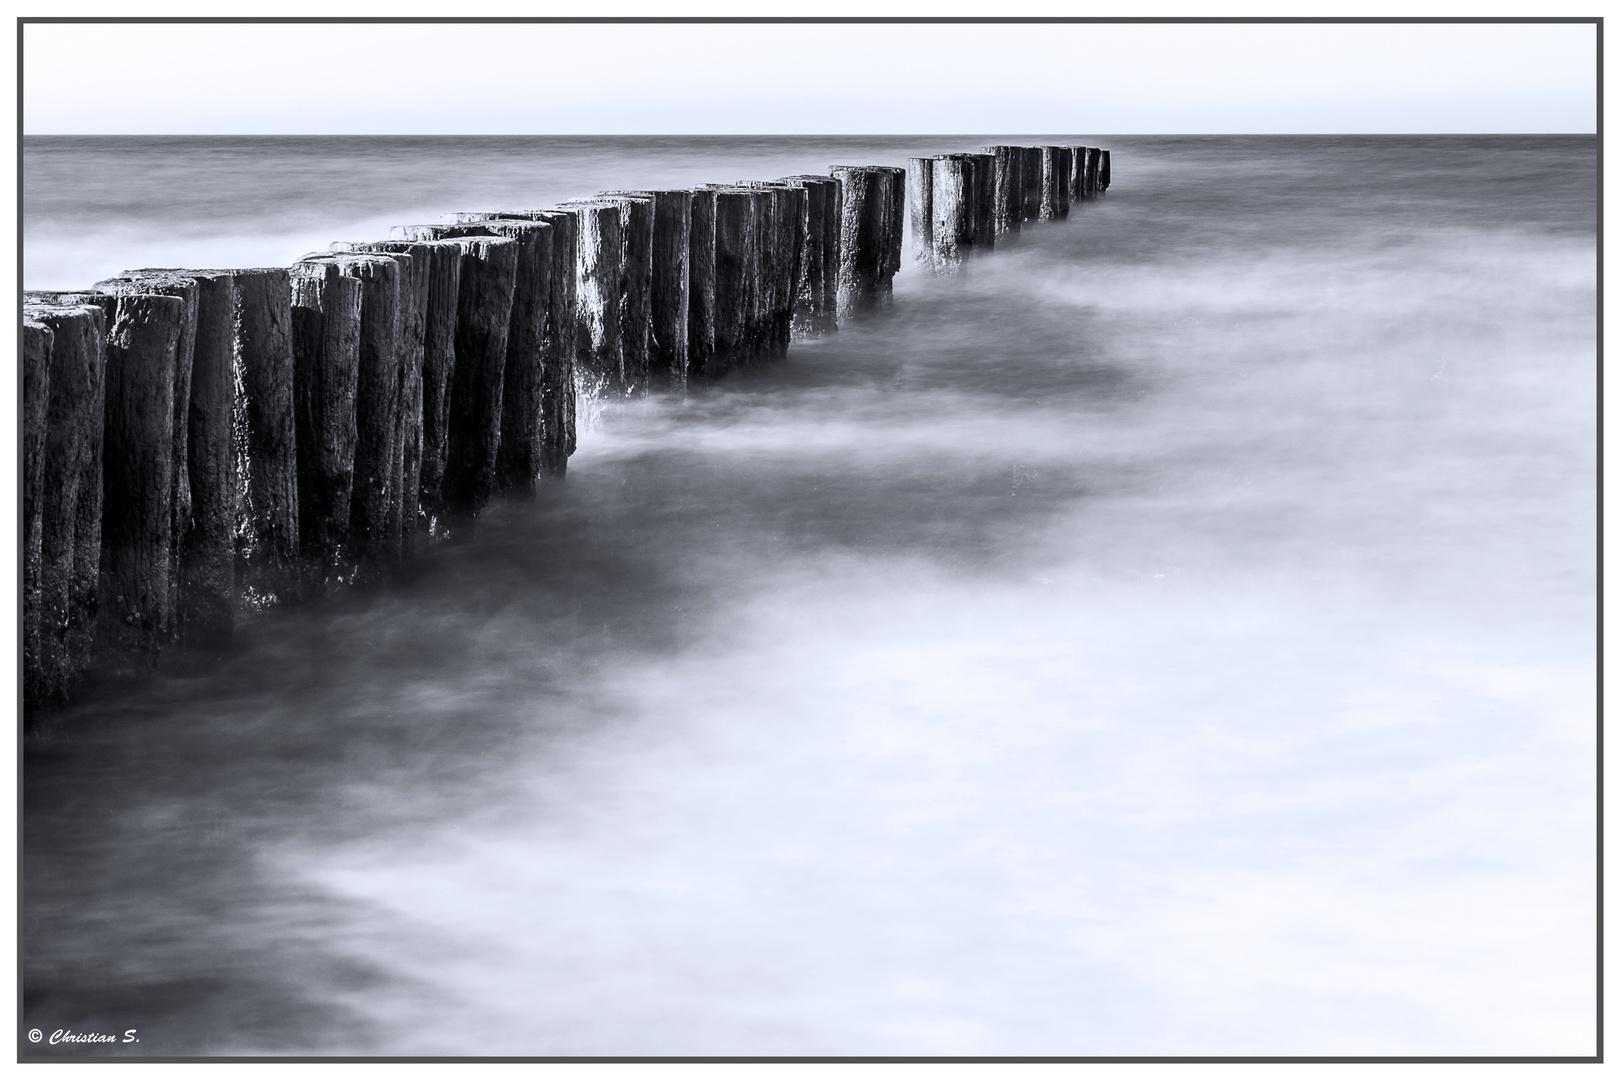 Buhnen am Strand von Graal Müritz